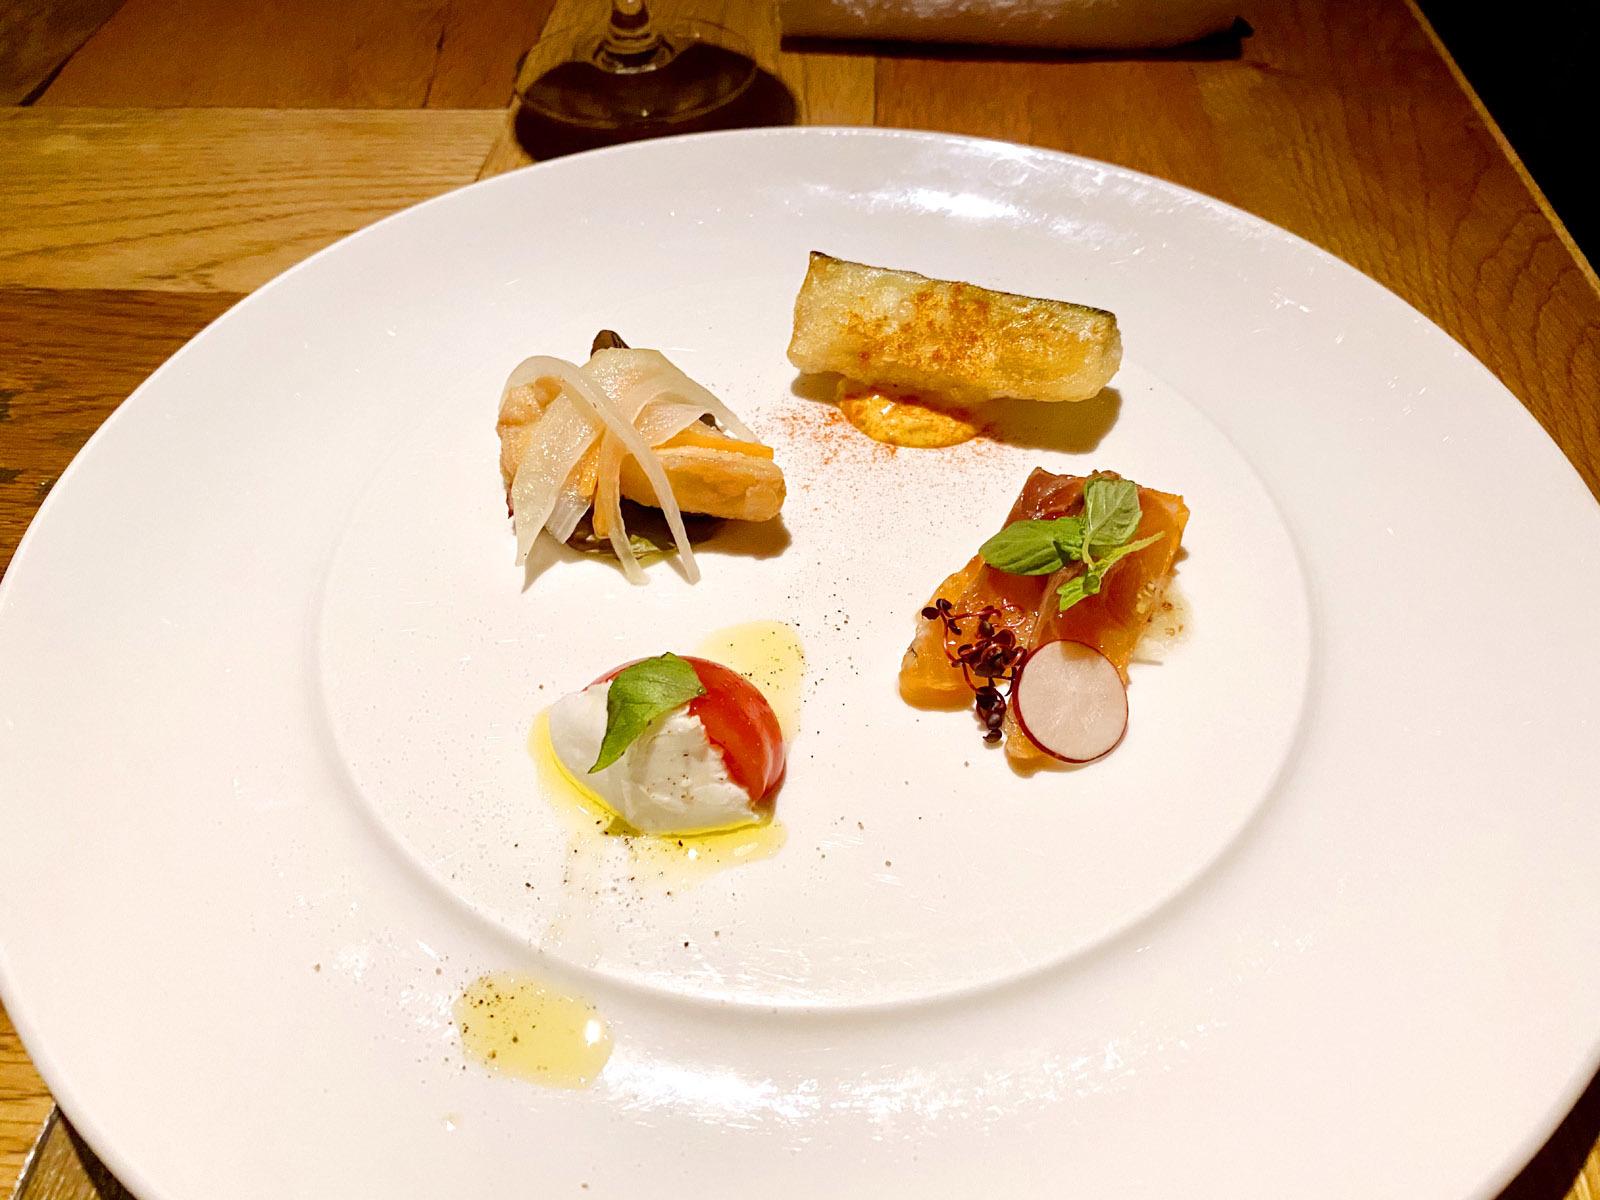 足袋のTOBICHI お魚と旬野菜の前菜4種盛り